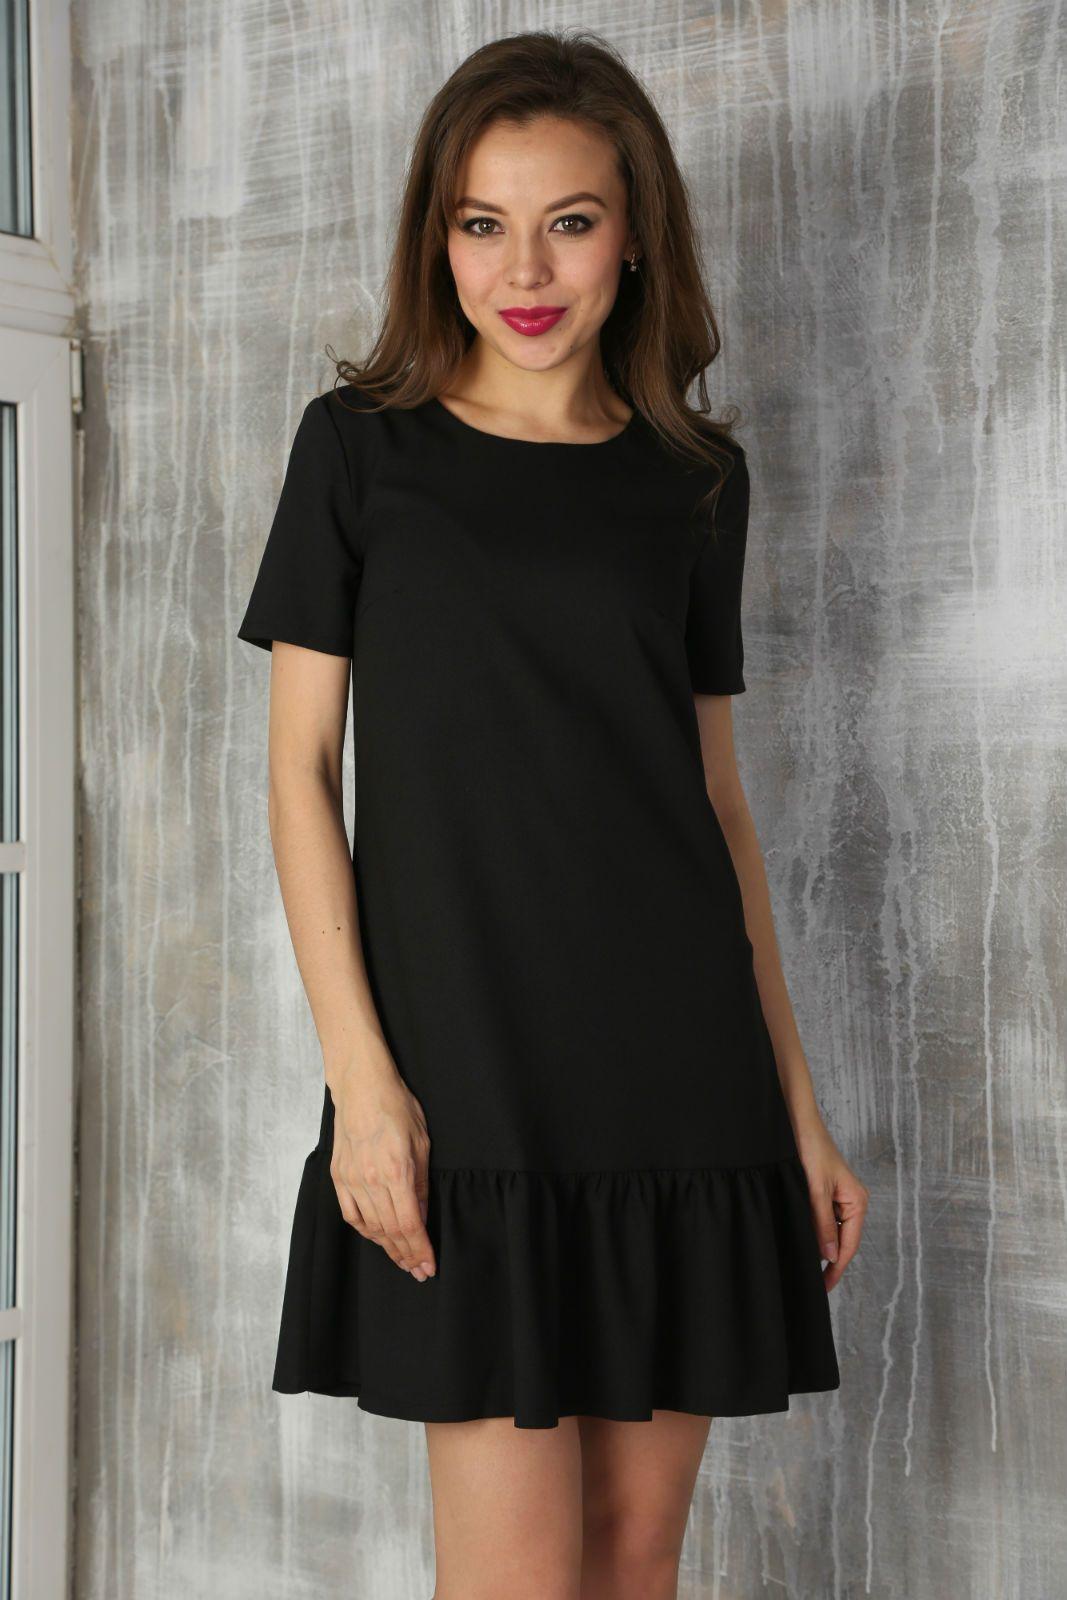 f8b27144ffe Платье внизу с воланом (80 фото) 2017  с чем носить